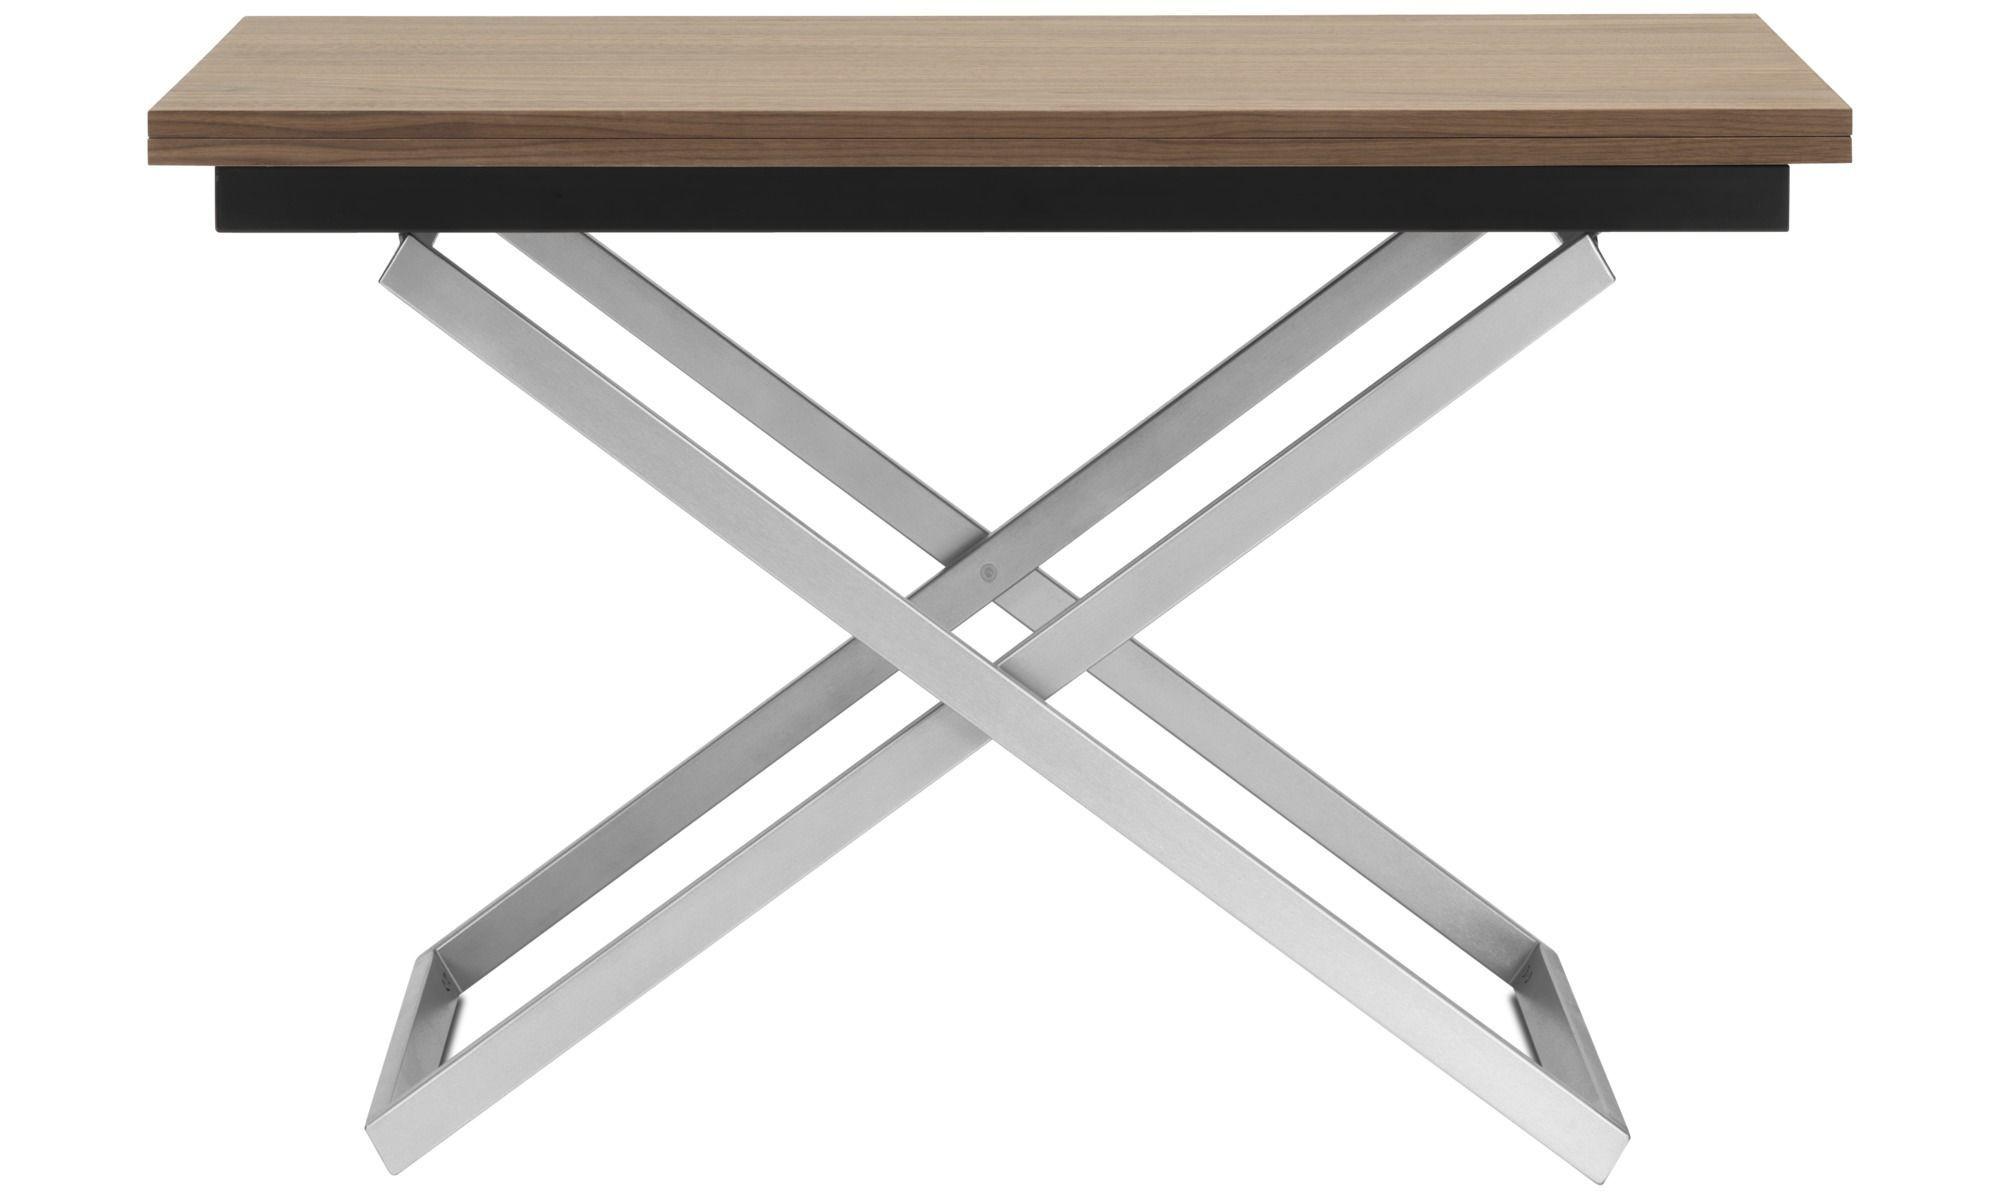 Couchtische Rubi Verstellbarer Tisch In Hohe Und Grosse